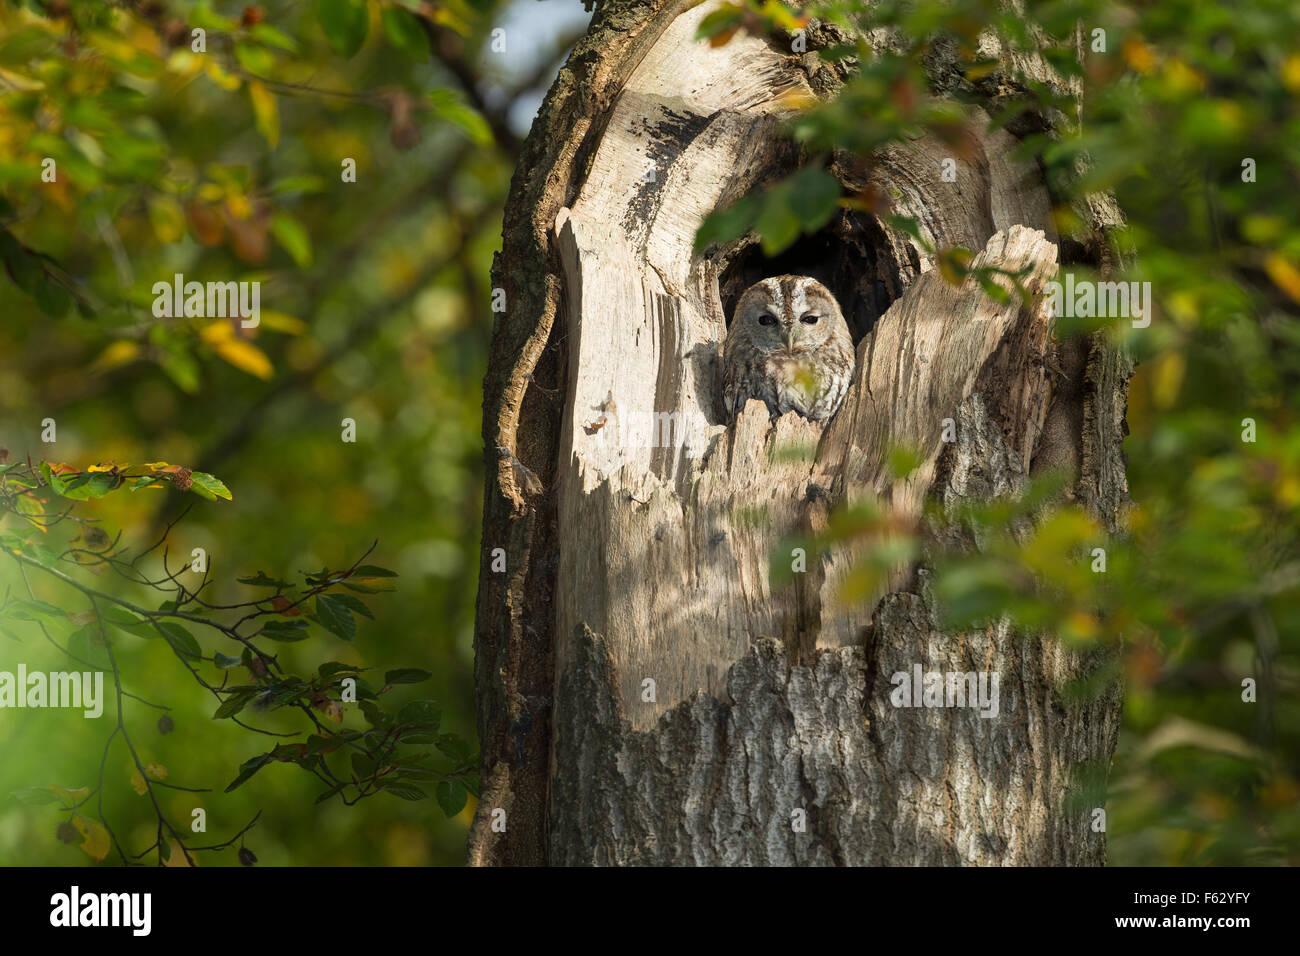 Tawny owl, Waldkauz, ruht am Tage in einer Baumhöhle, Strix aluco, Wald-Kauz, Kauz, Käuzchen - Stock Image